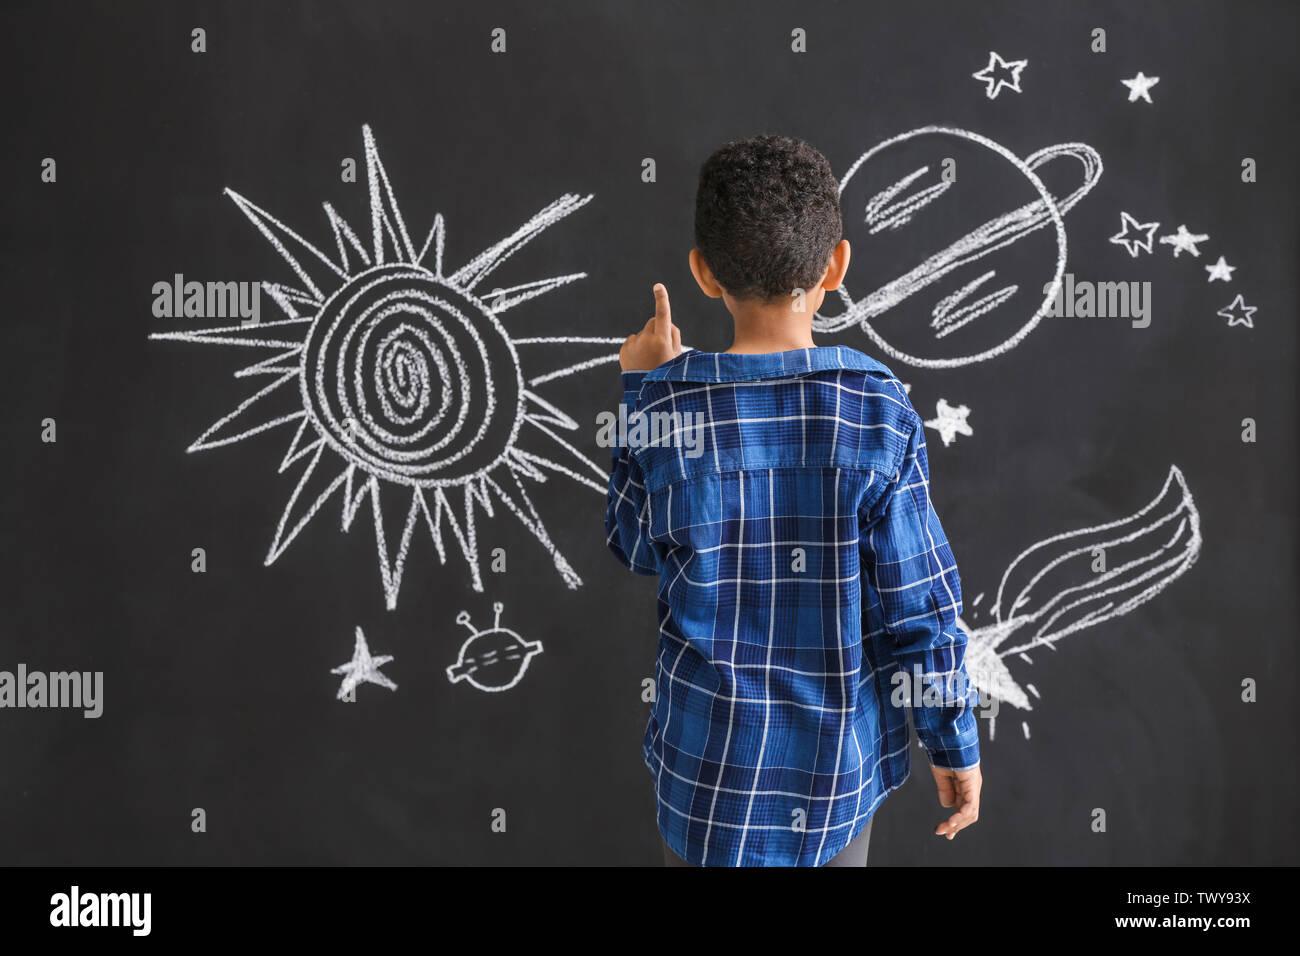 Garçon afro-américain de l'espace dessin mignon sur mur sombre Photo Stock